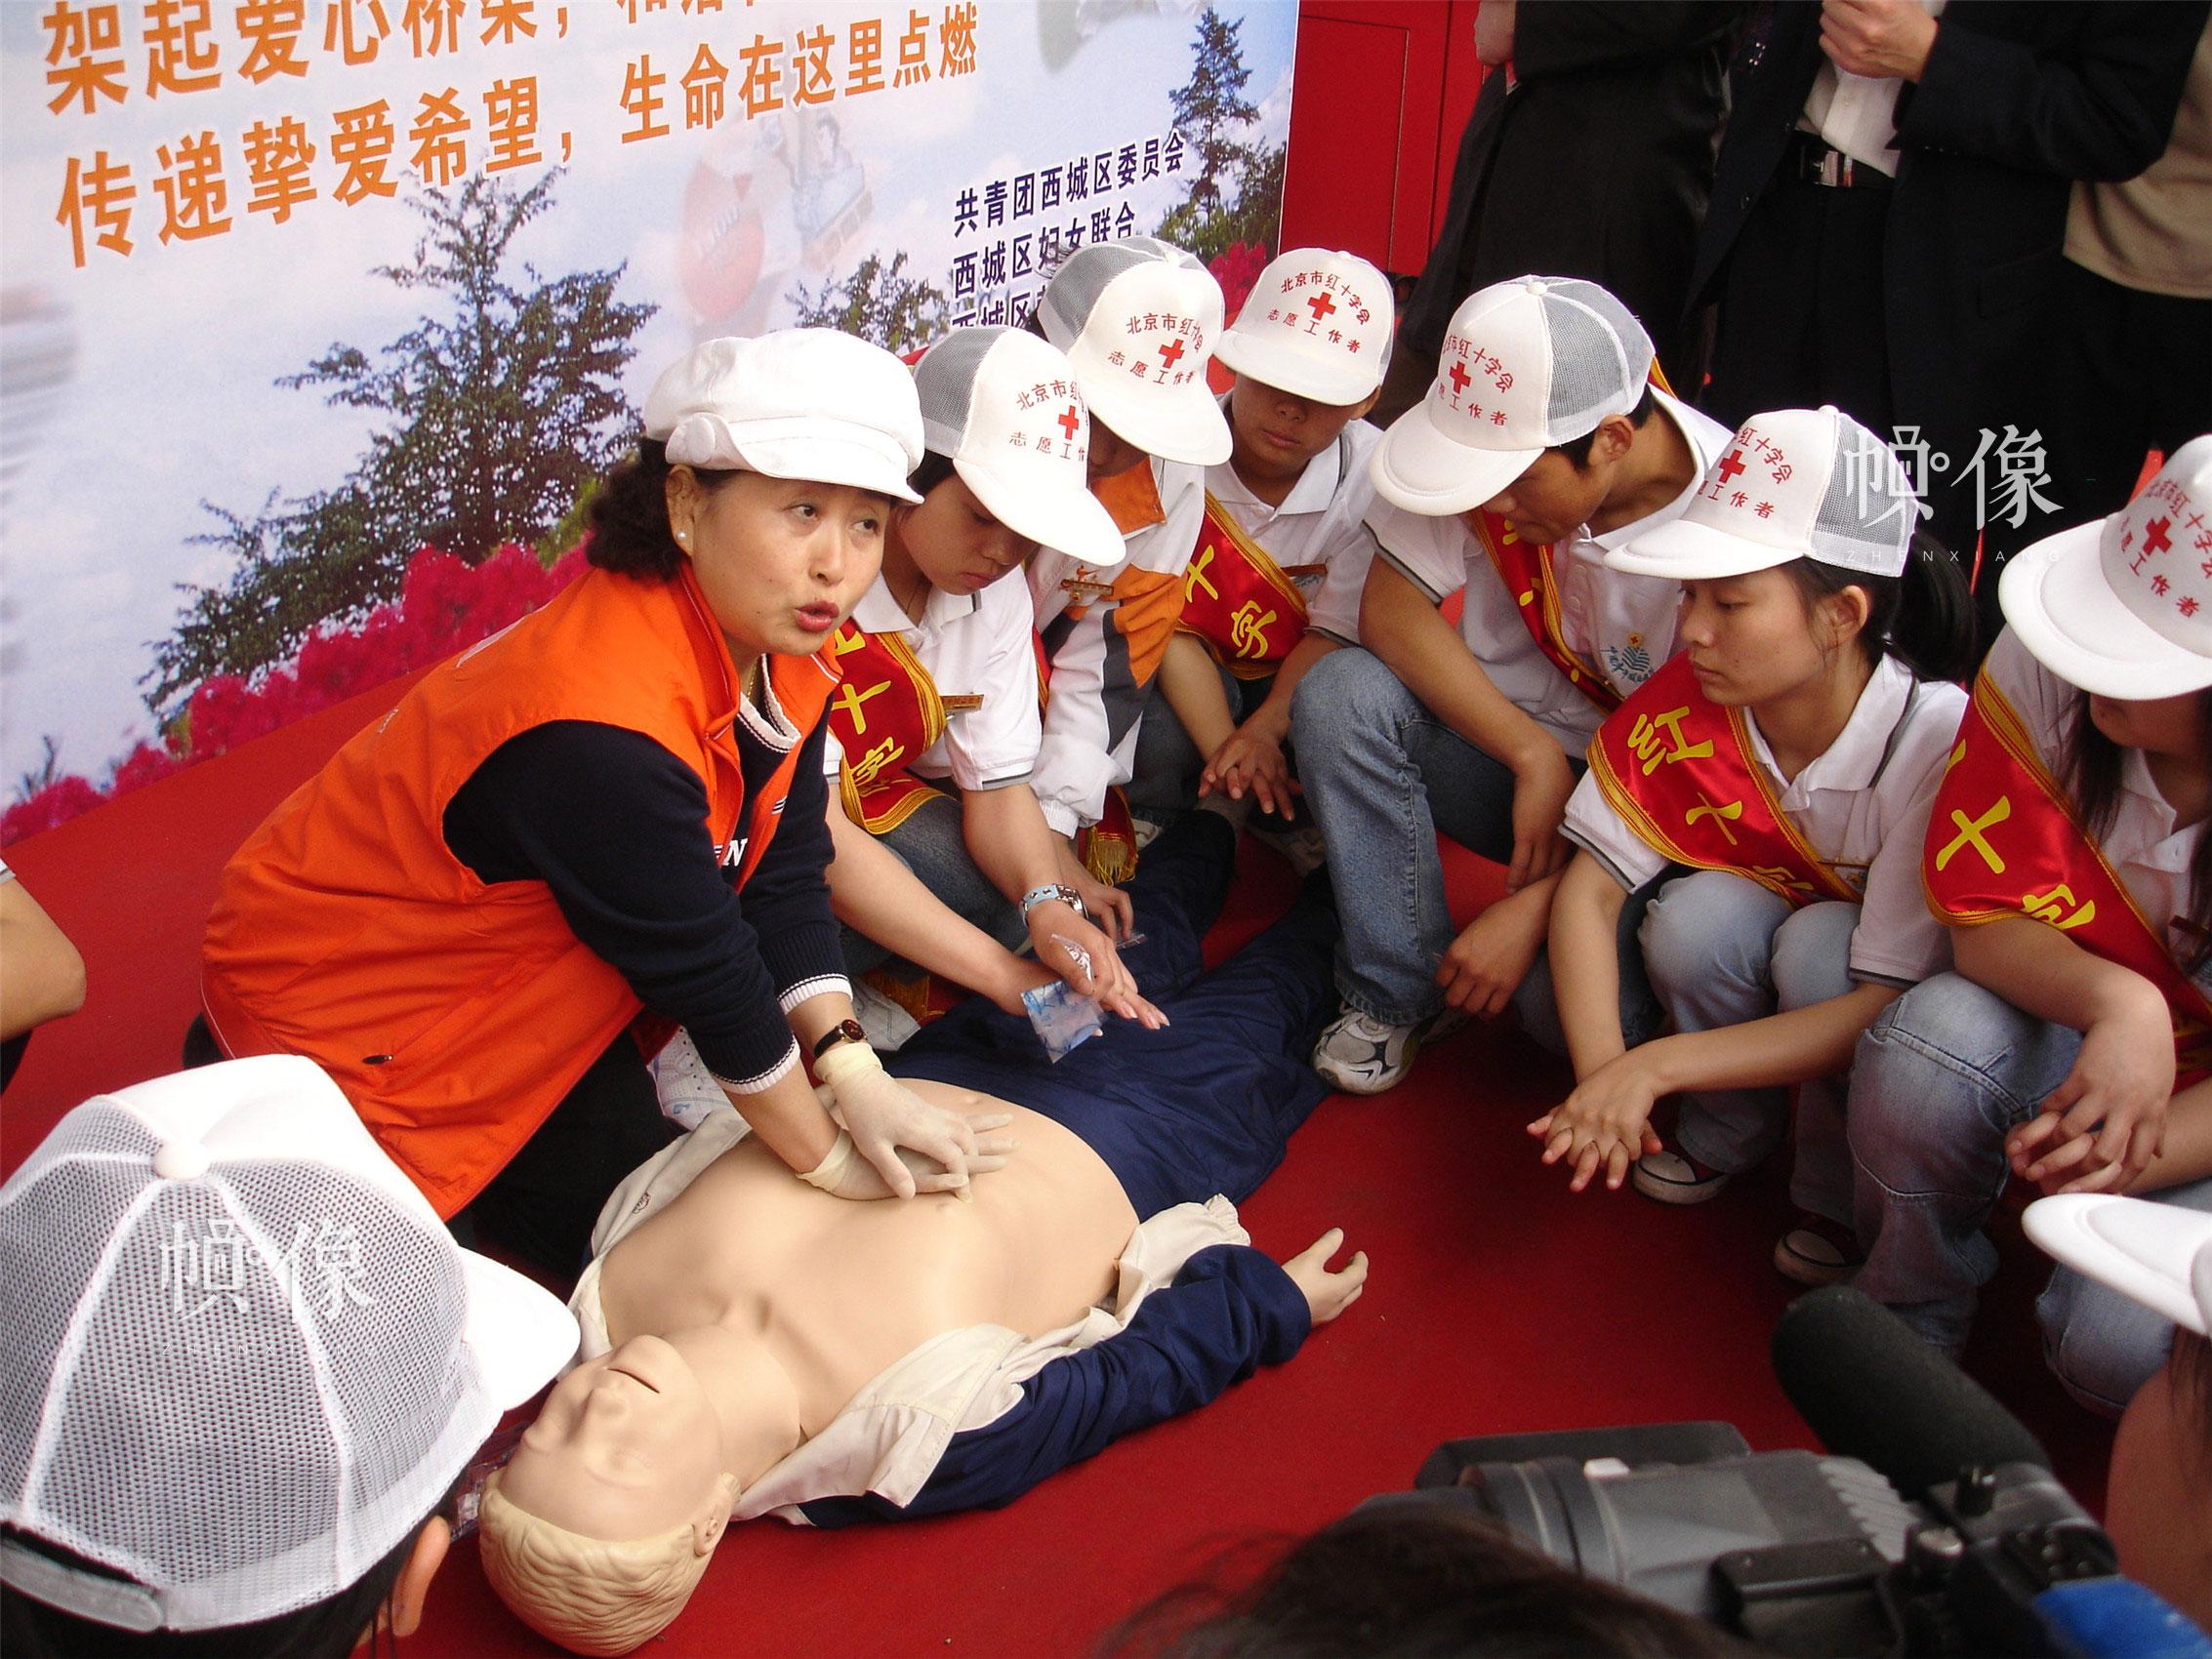 """2006年5月7日,西城區紅十字會在西單開展""""五八""""紅十字日宣傳活動,圖為老師為過往群眾和志願者介紹應急救護知識。(西城區紅十字會供圖)"""